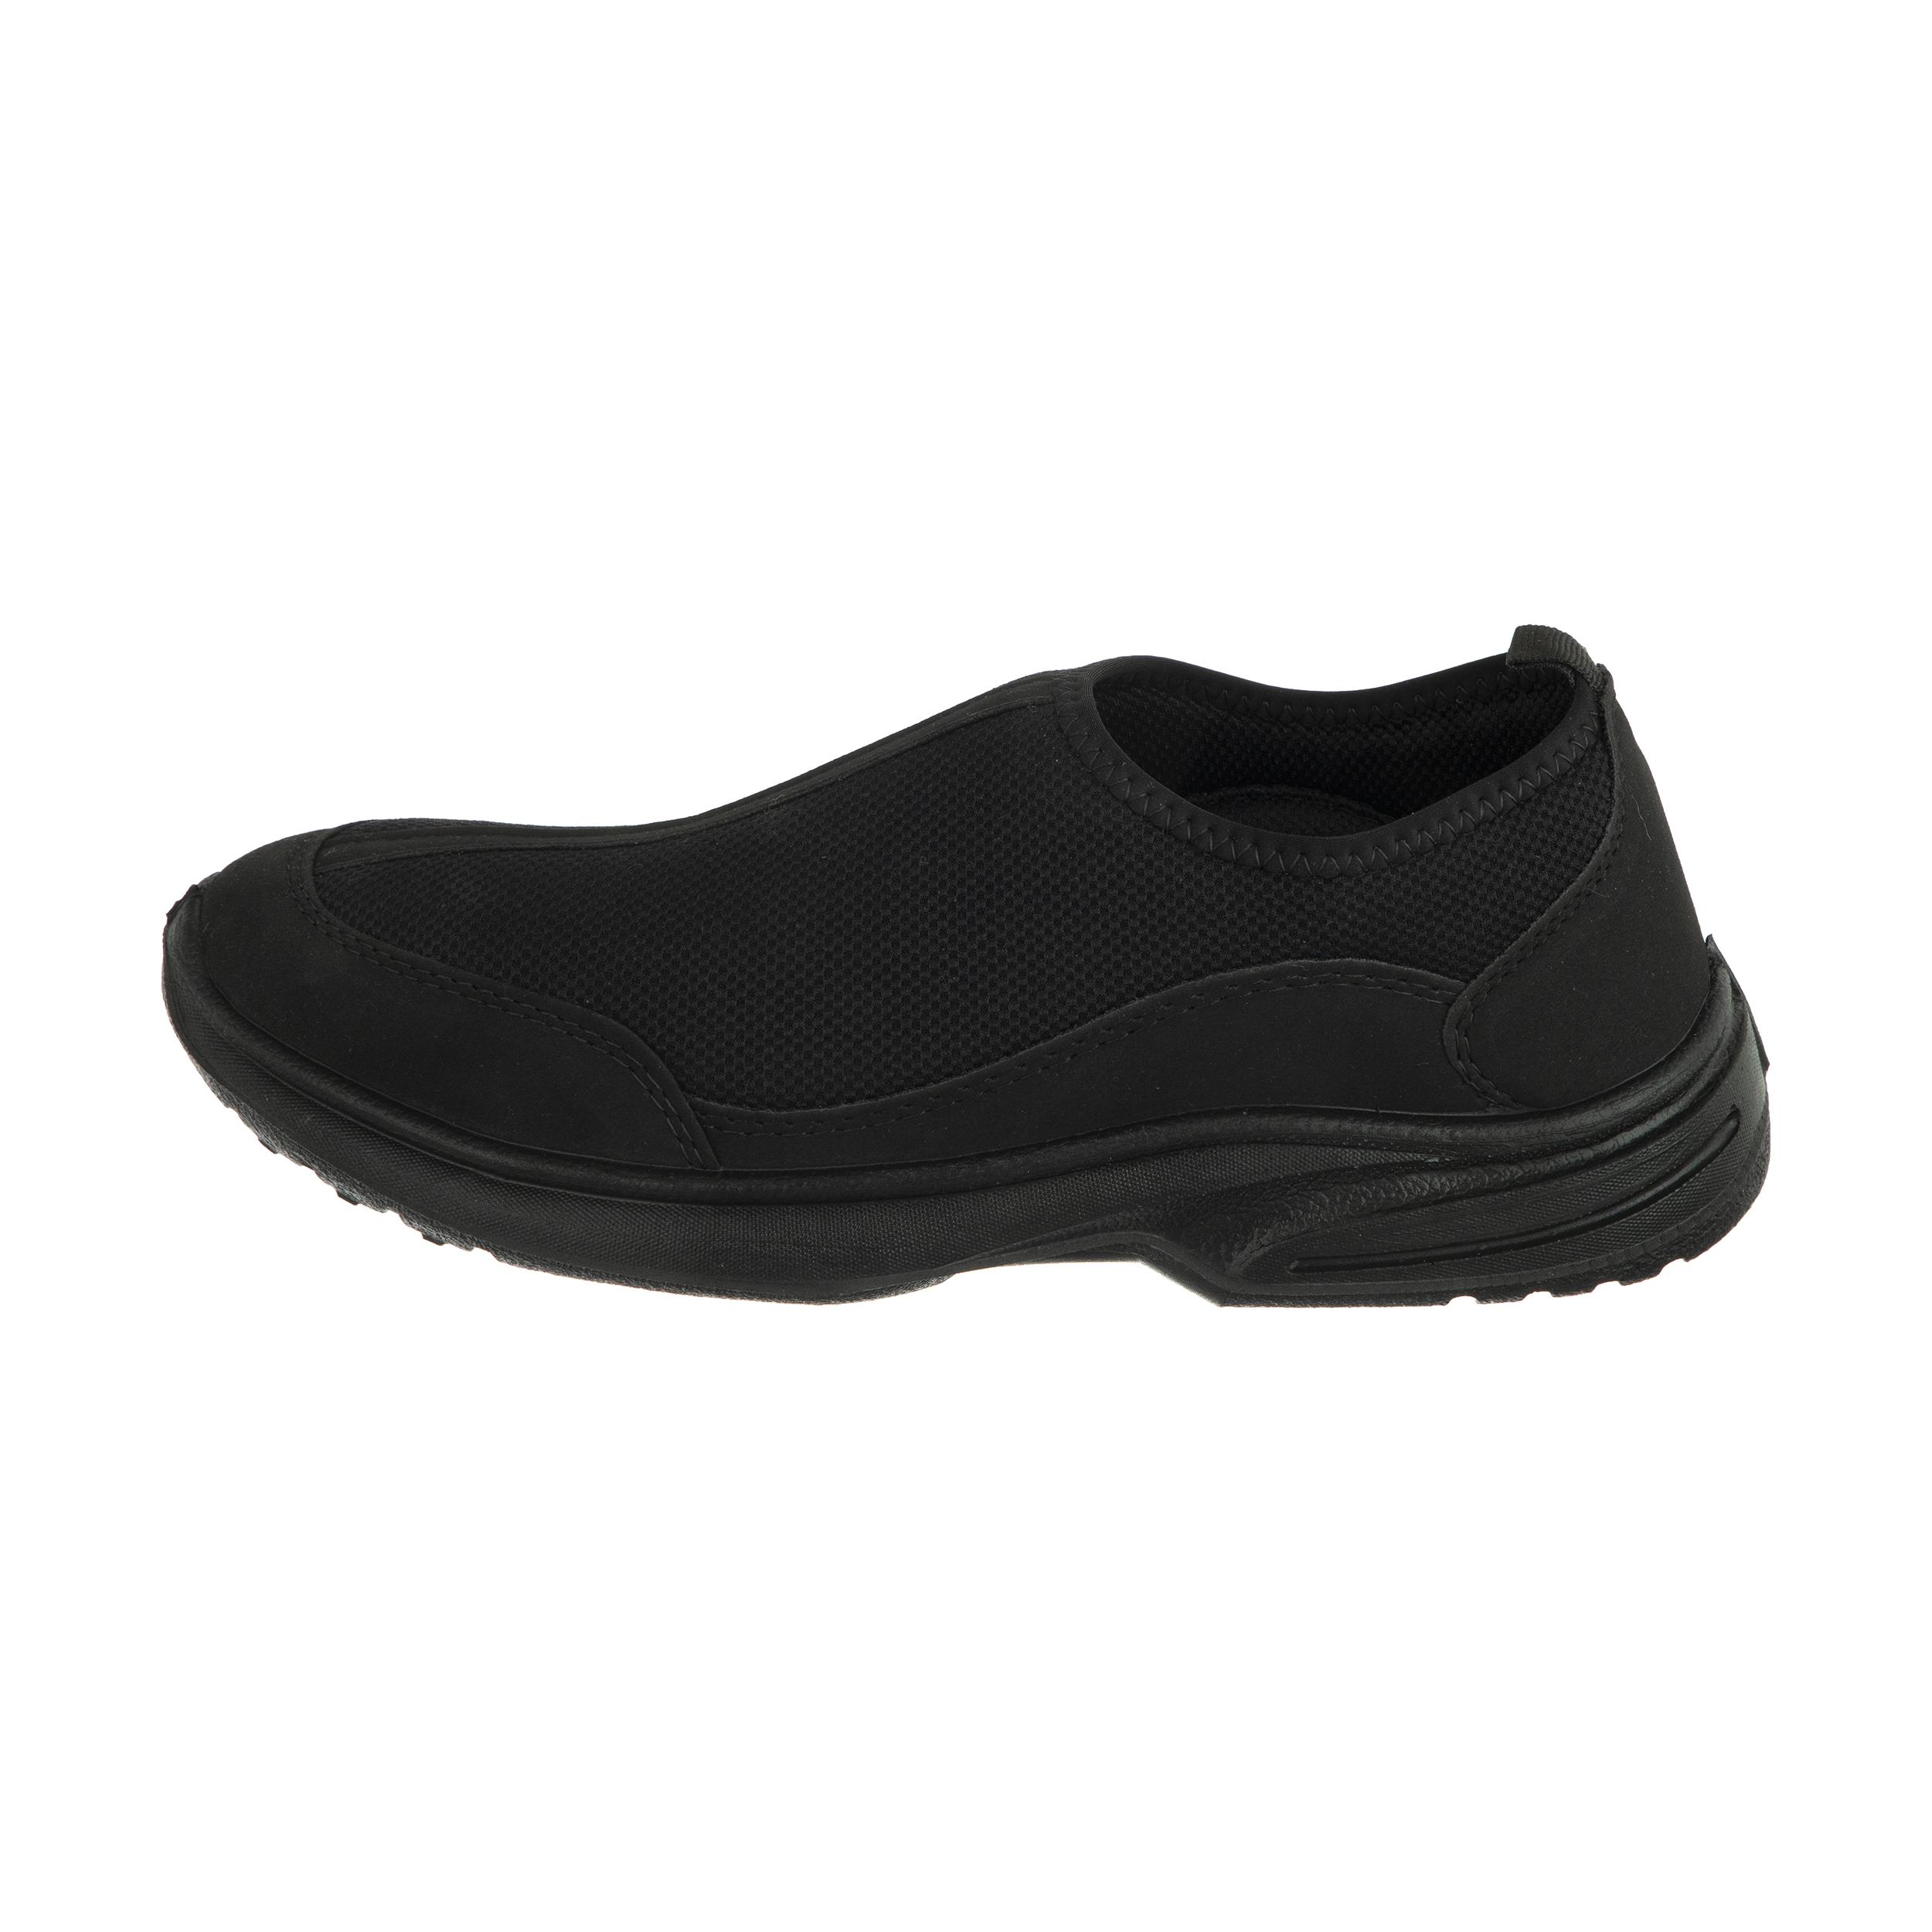 کفش روزمره مردانه شیما مدل 476110143